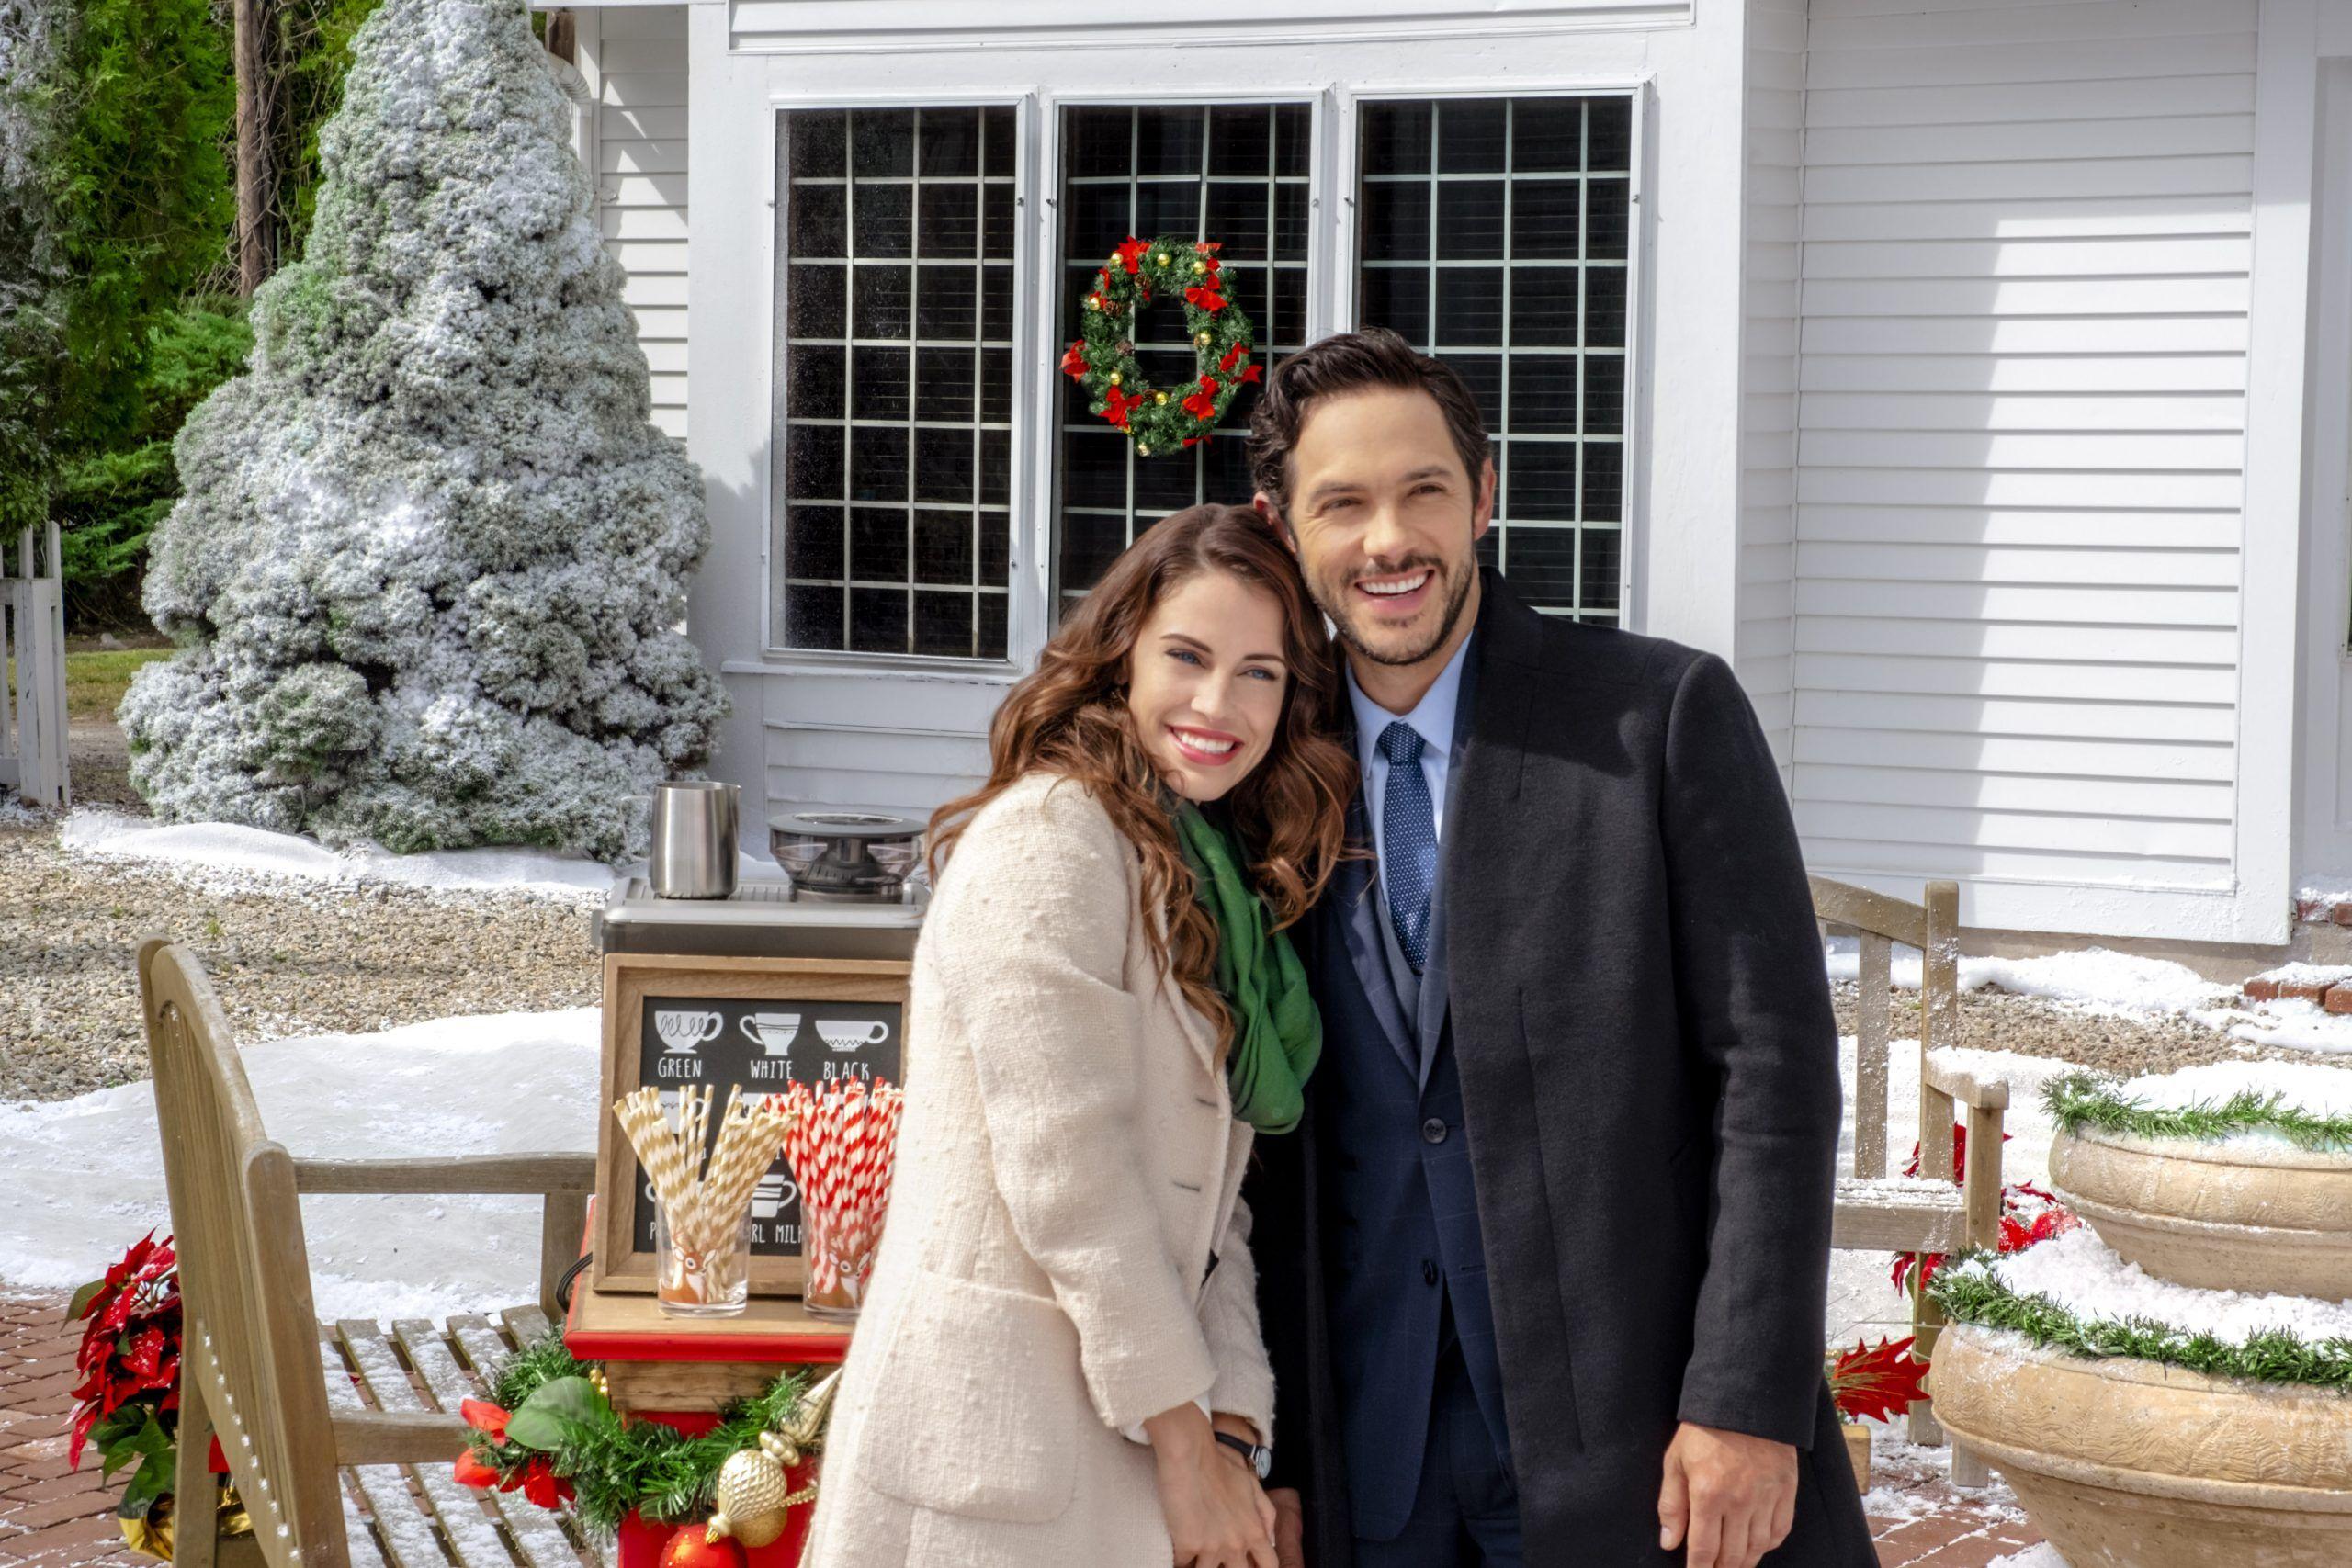 Need Some Hallmark Christmas The Upcoming Christmas Movie Schedule In 2020 Hallmark Christmas Movies Christmas Movies Movie Schedule